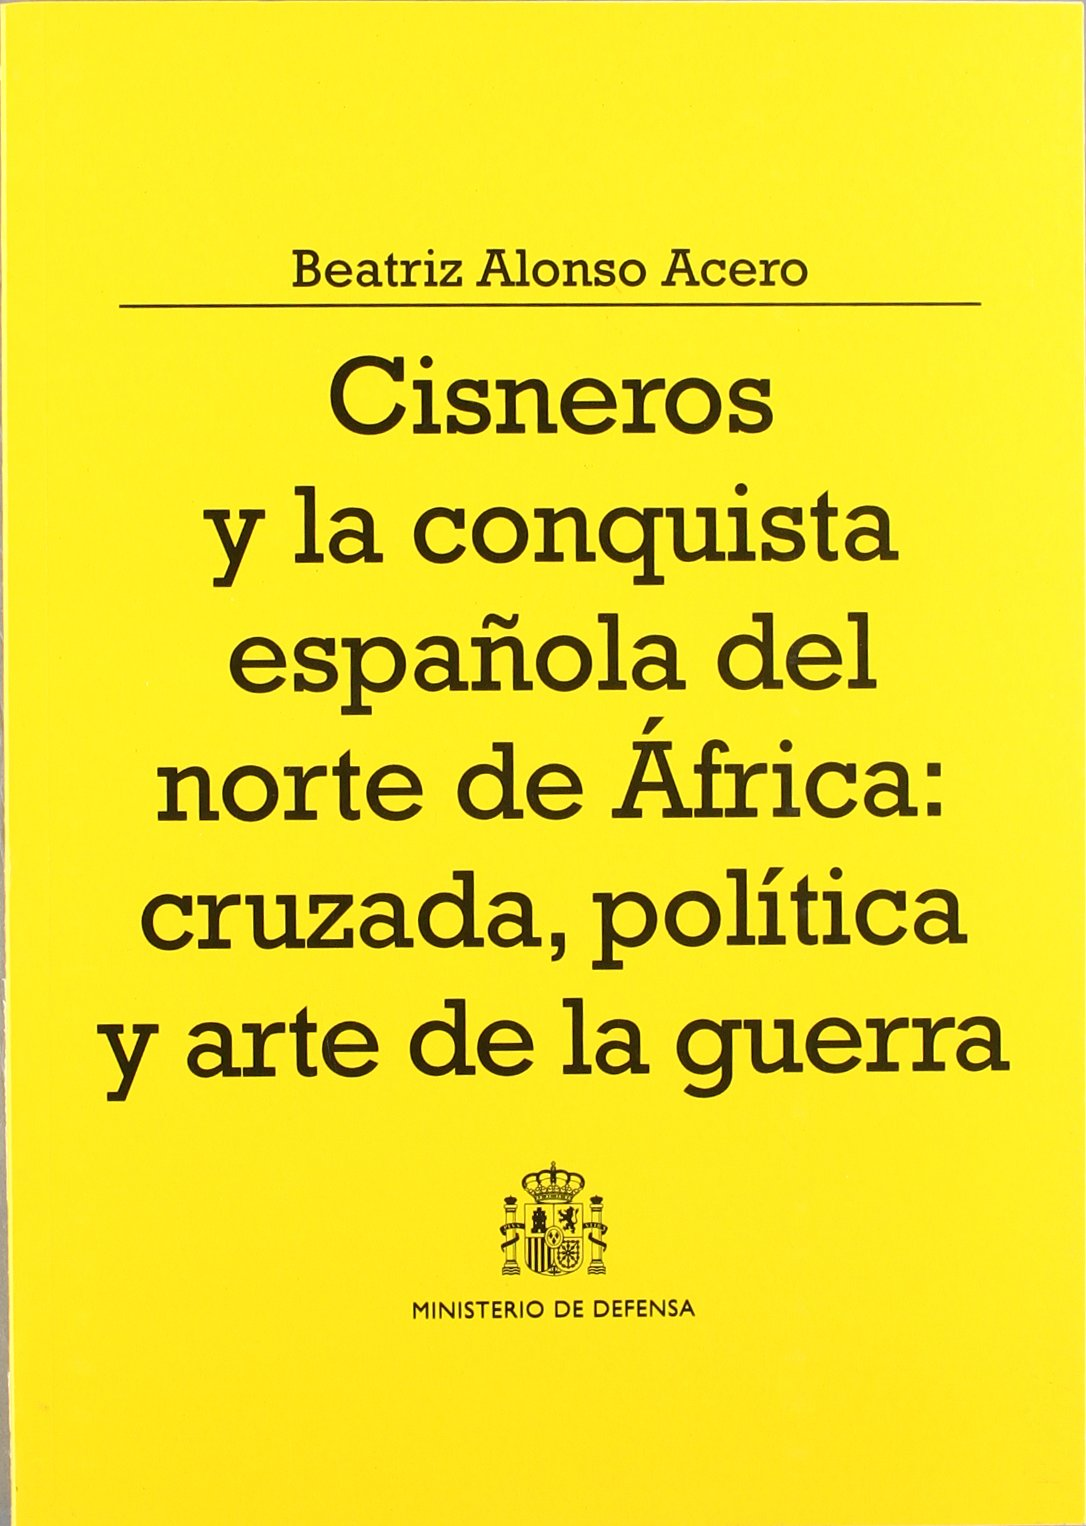 Cisneros y la conquista española del Norte de África: cruzada, política y arte de la guerra Colección Defensa: Amazon.es: Alonso, Beatriz: Libros